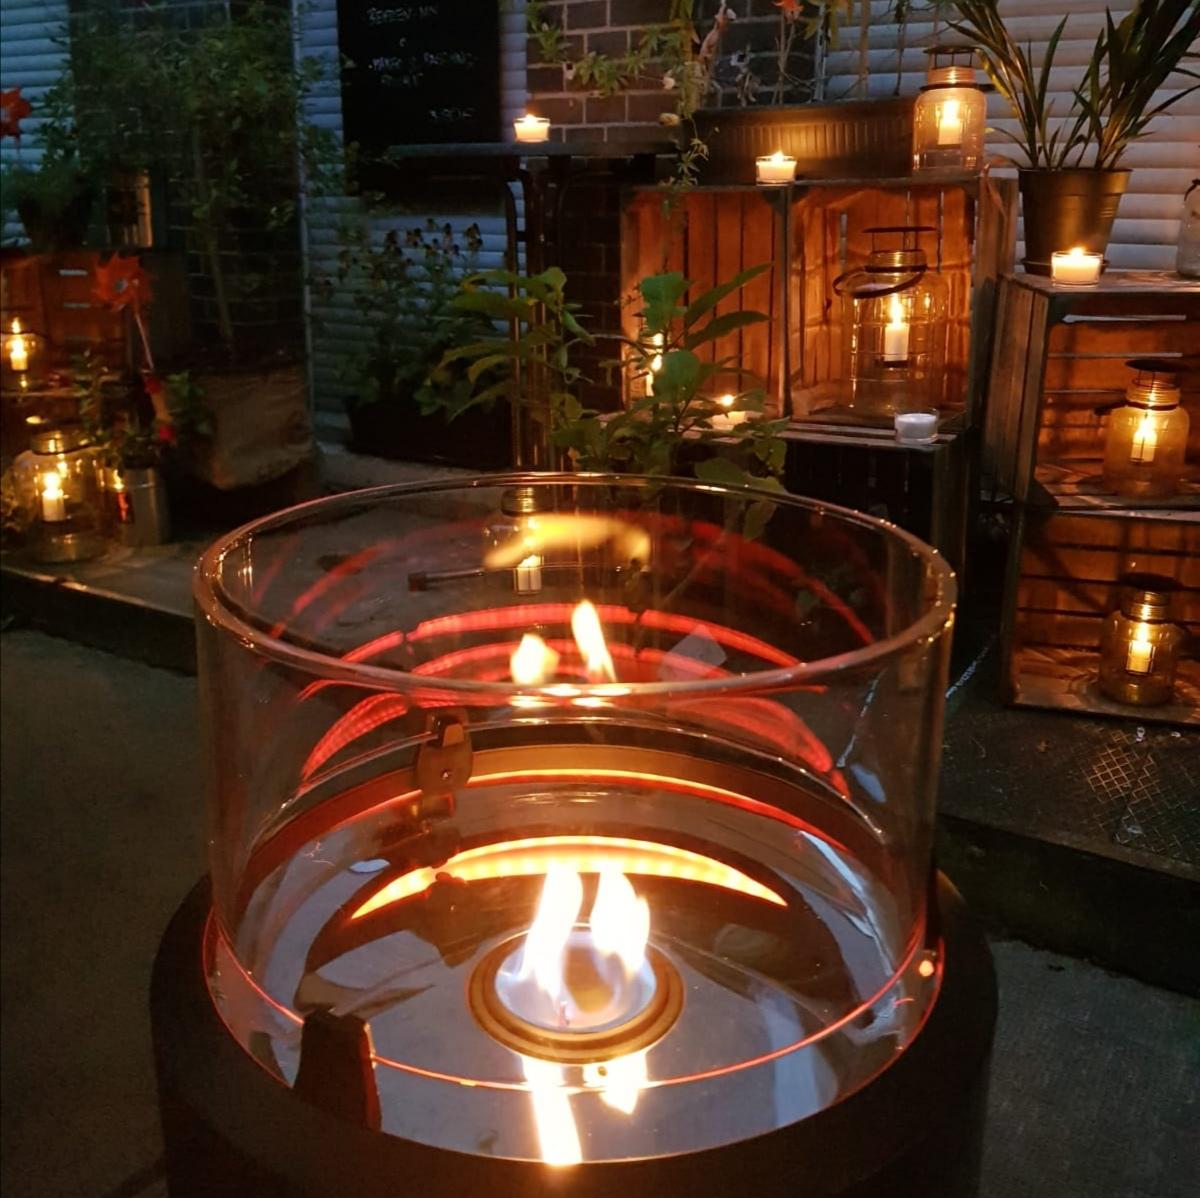 Terrassenfeuer, Kerzen & Laternen-Meer ...